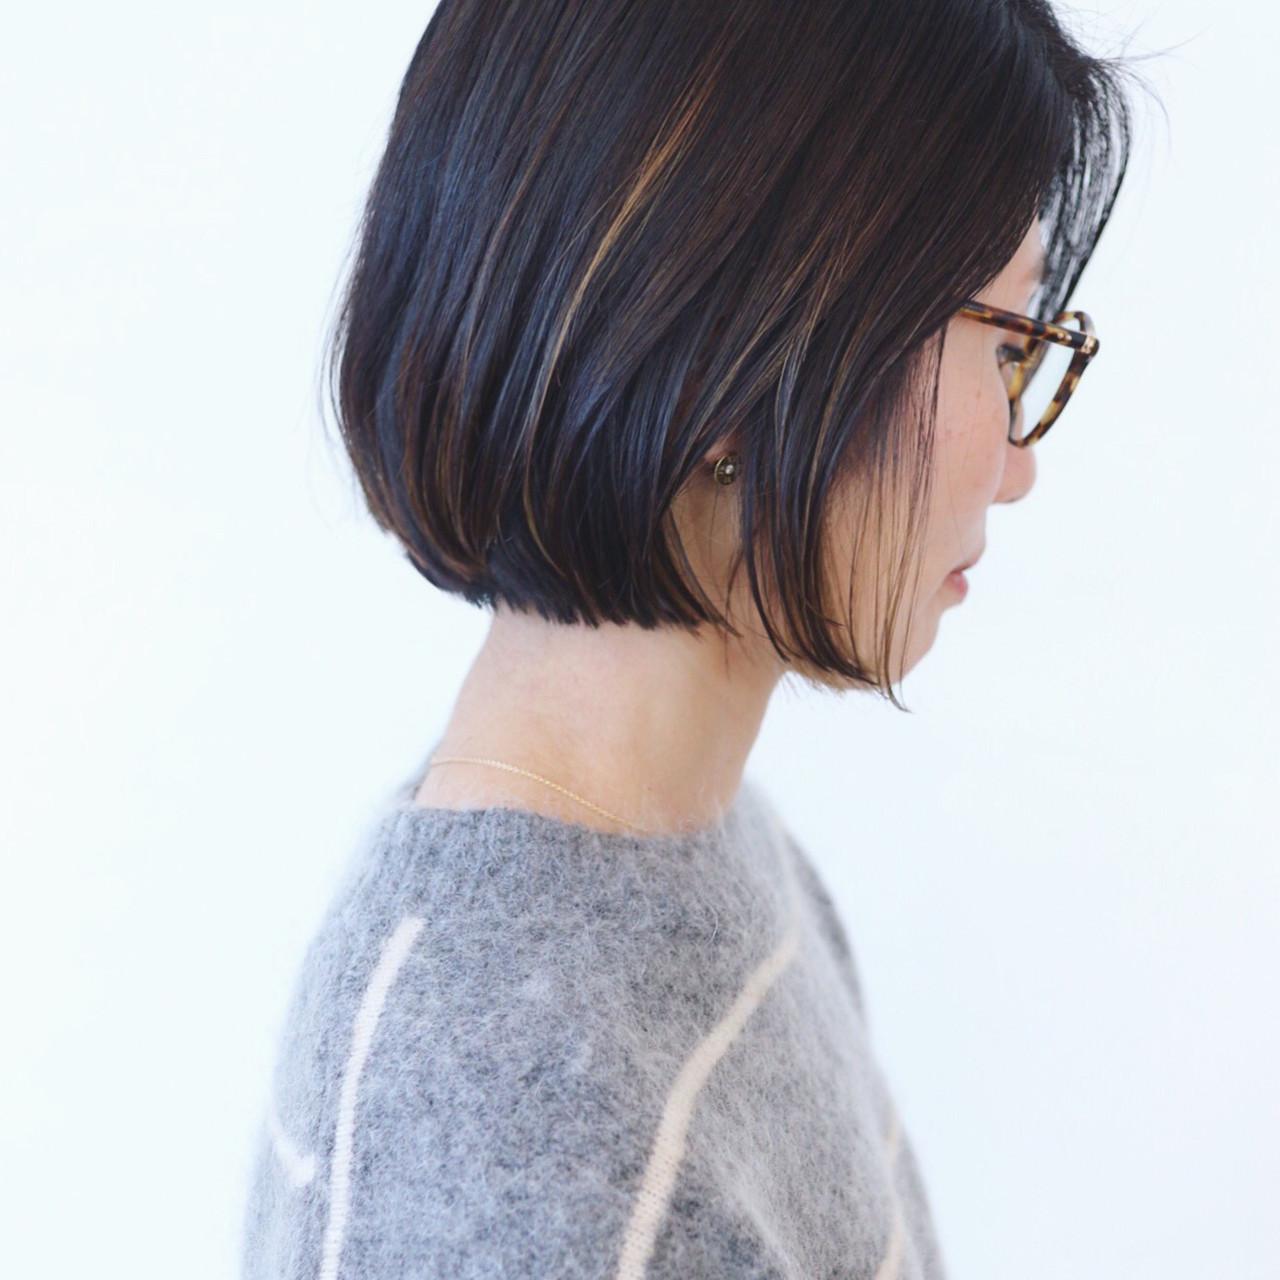 オフィス グラデーションカラー 黒髪 ハイライト ヘアスタイルや髪型の写真・画像